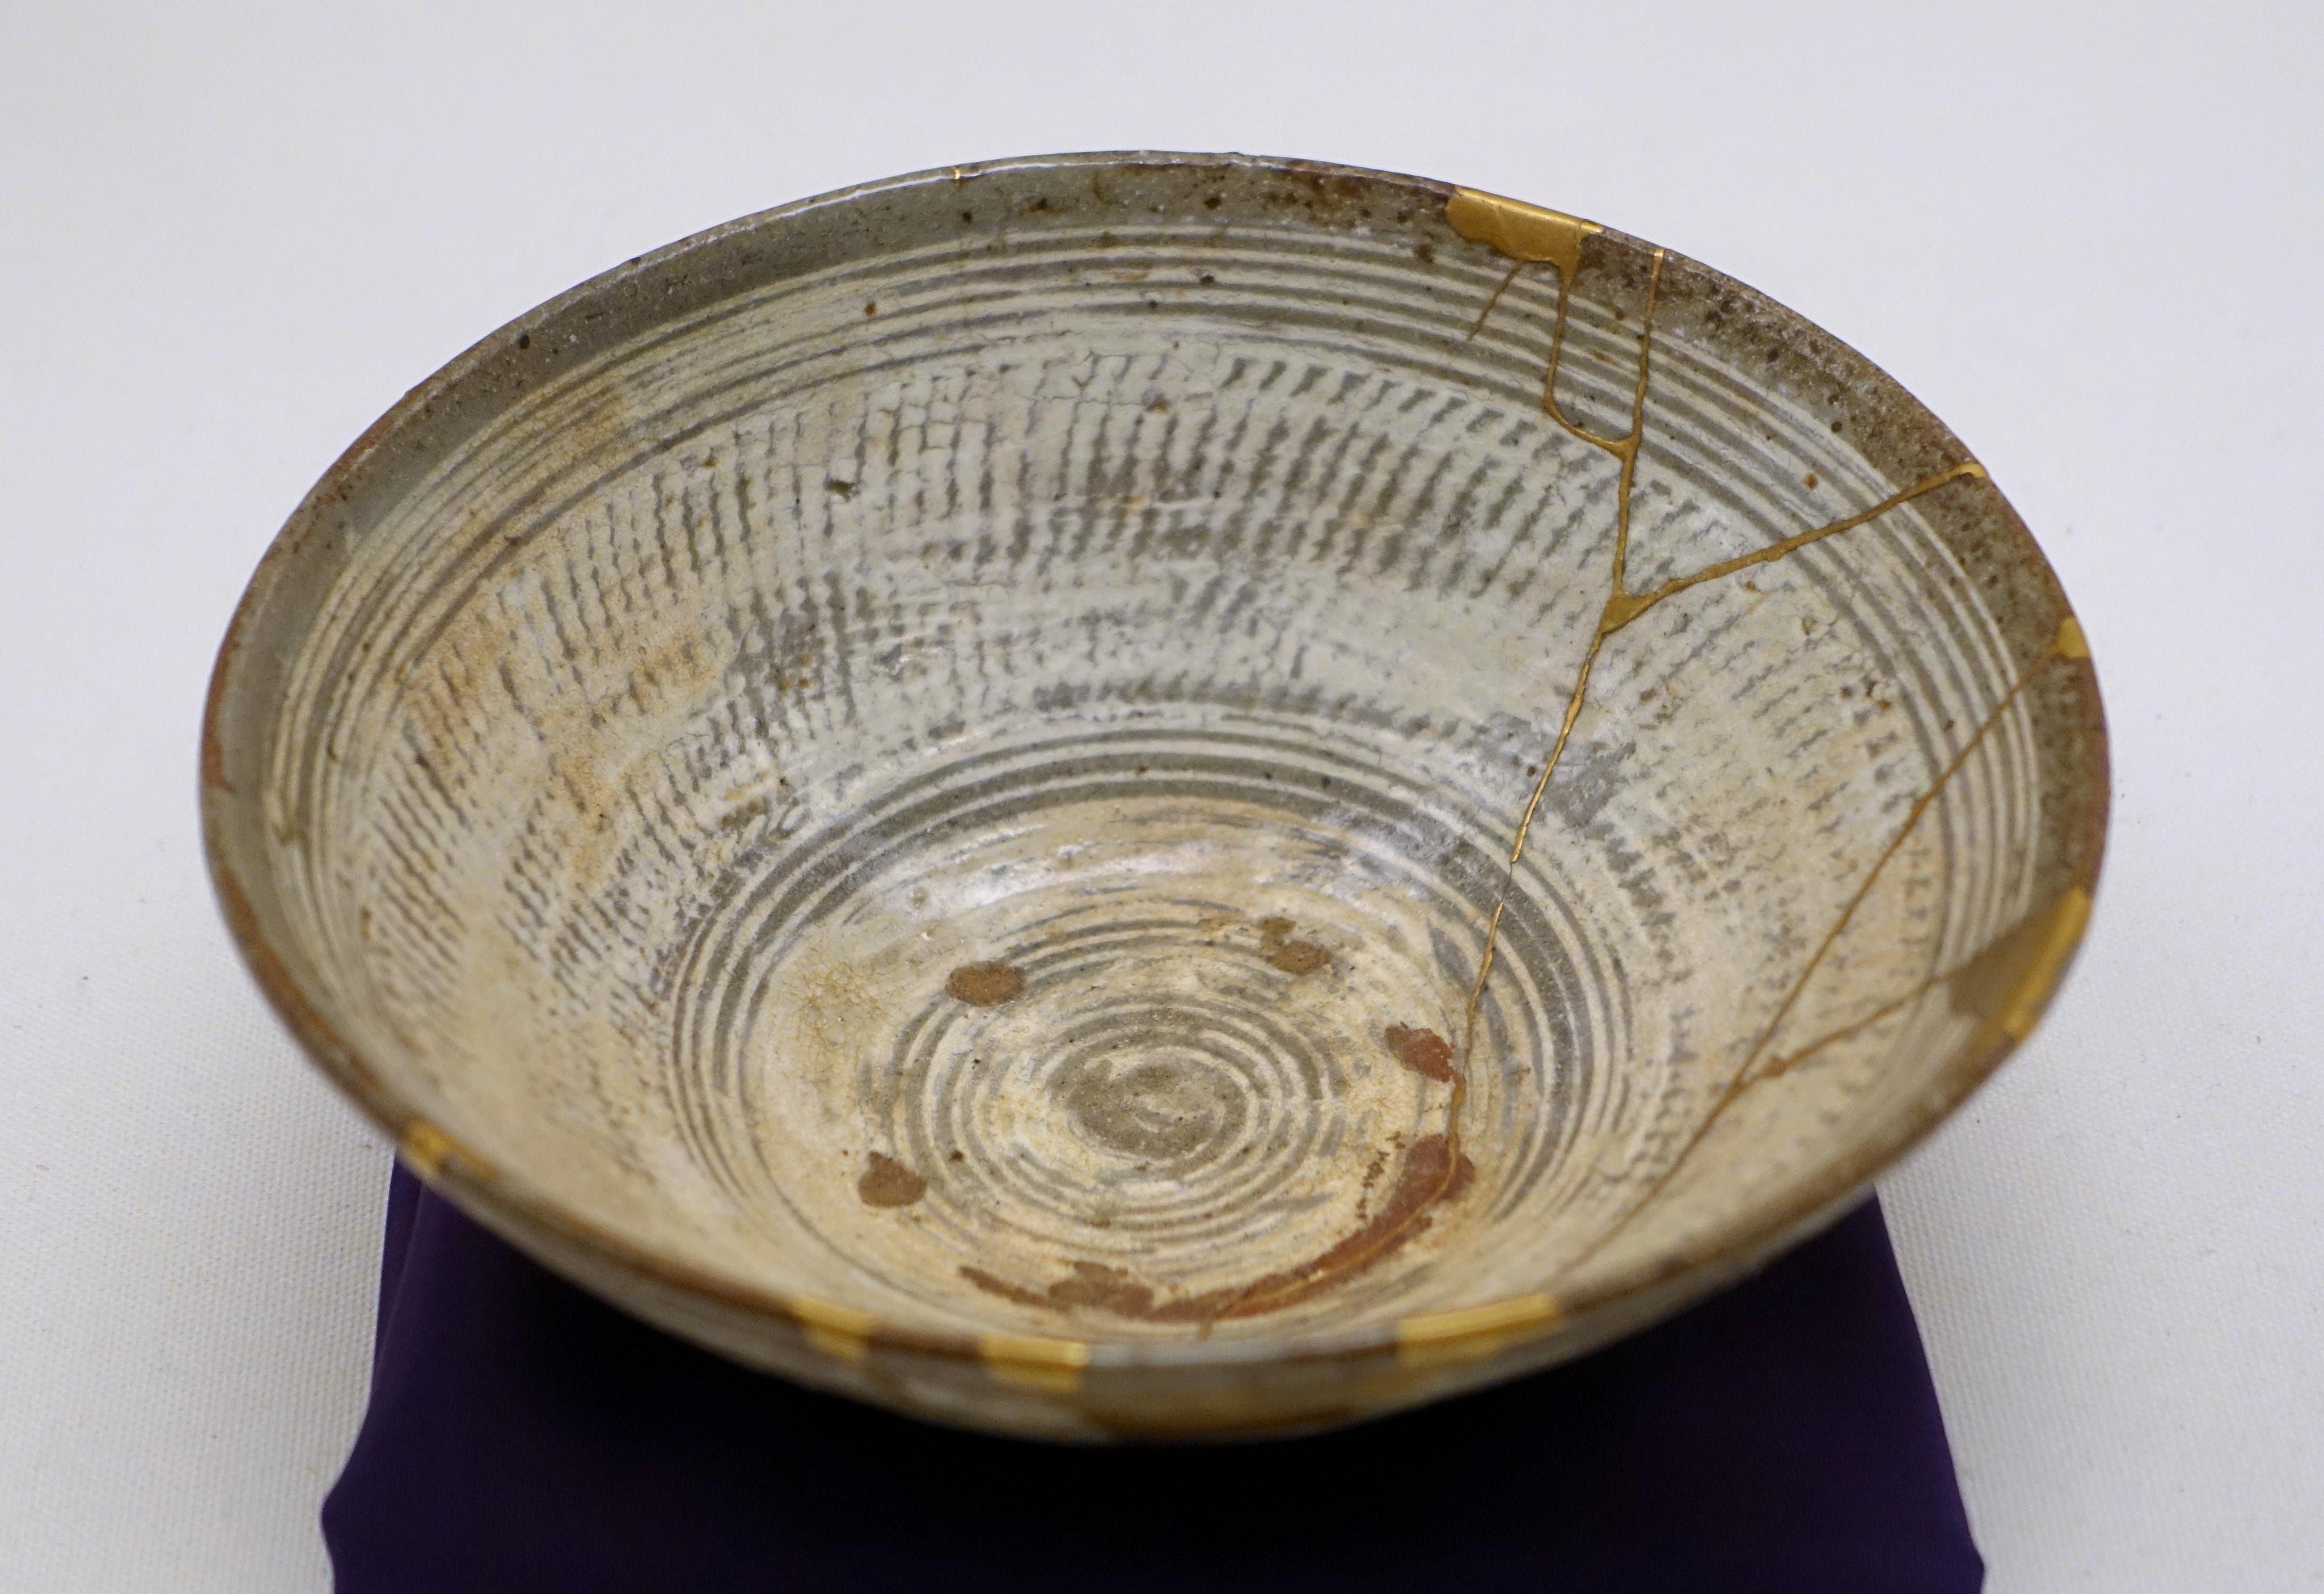 Bol à thé coréen réparé selon la méthode du kintsugi Ethnologisches Museum de Berlin Photo : Daderot